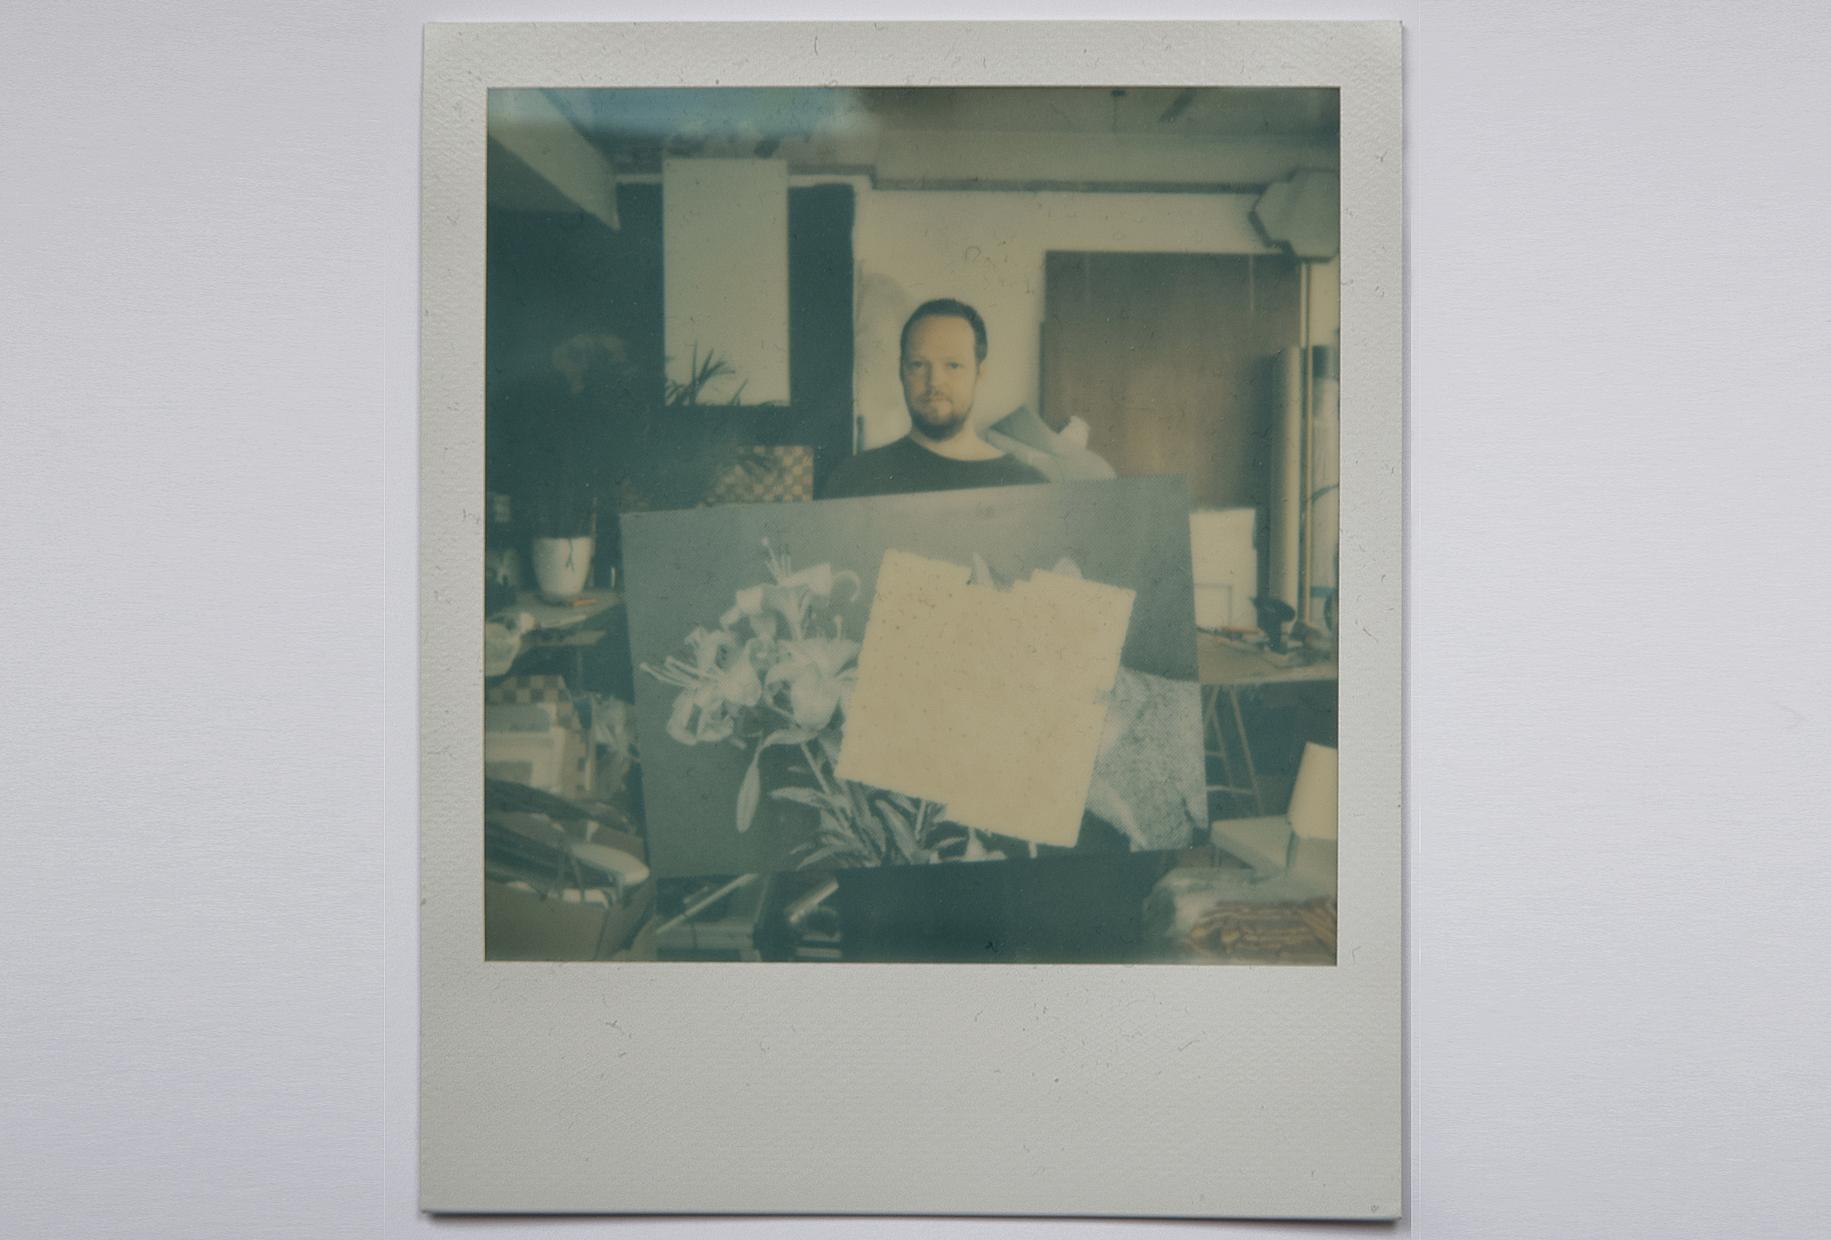 Polaroid of Folke | Courtesy of Folke Janssen